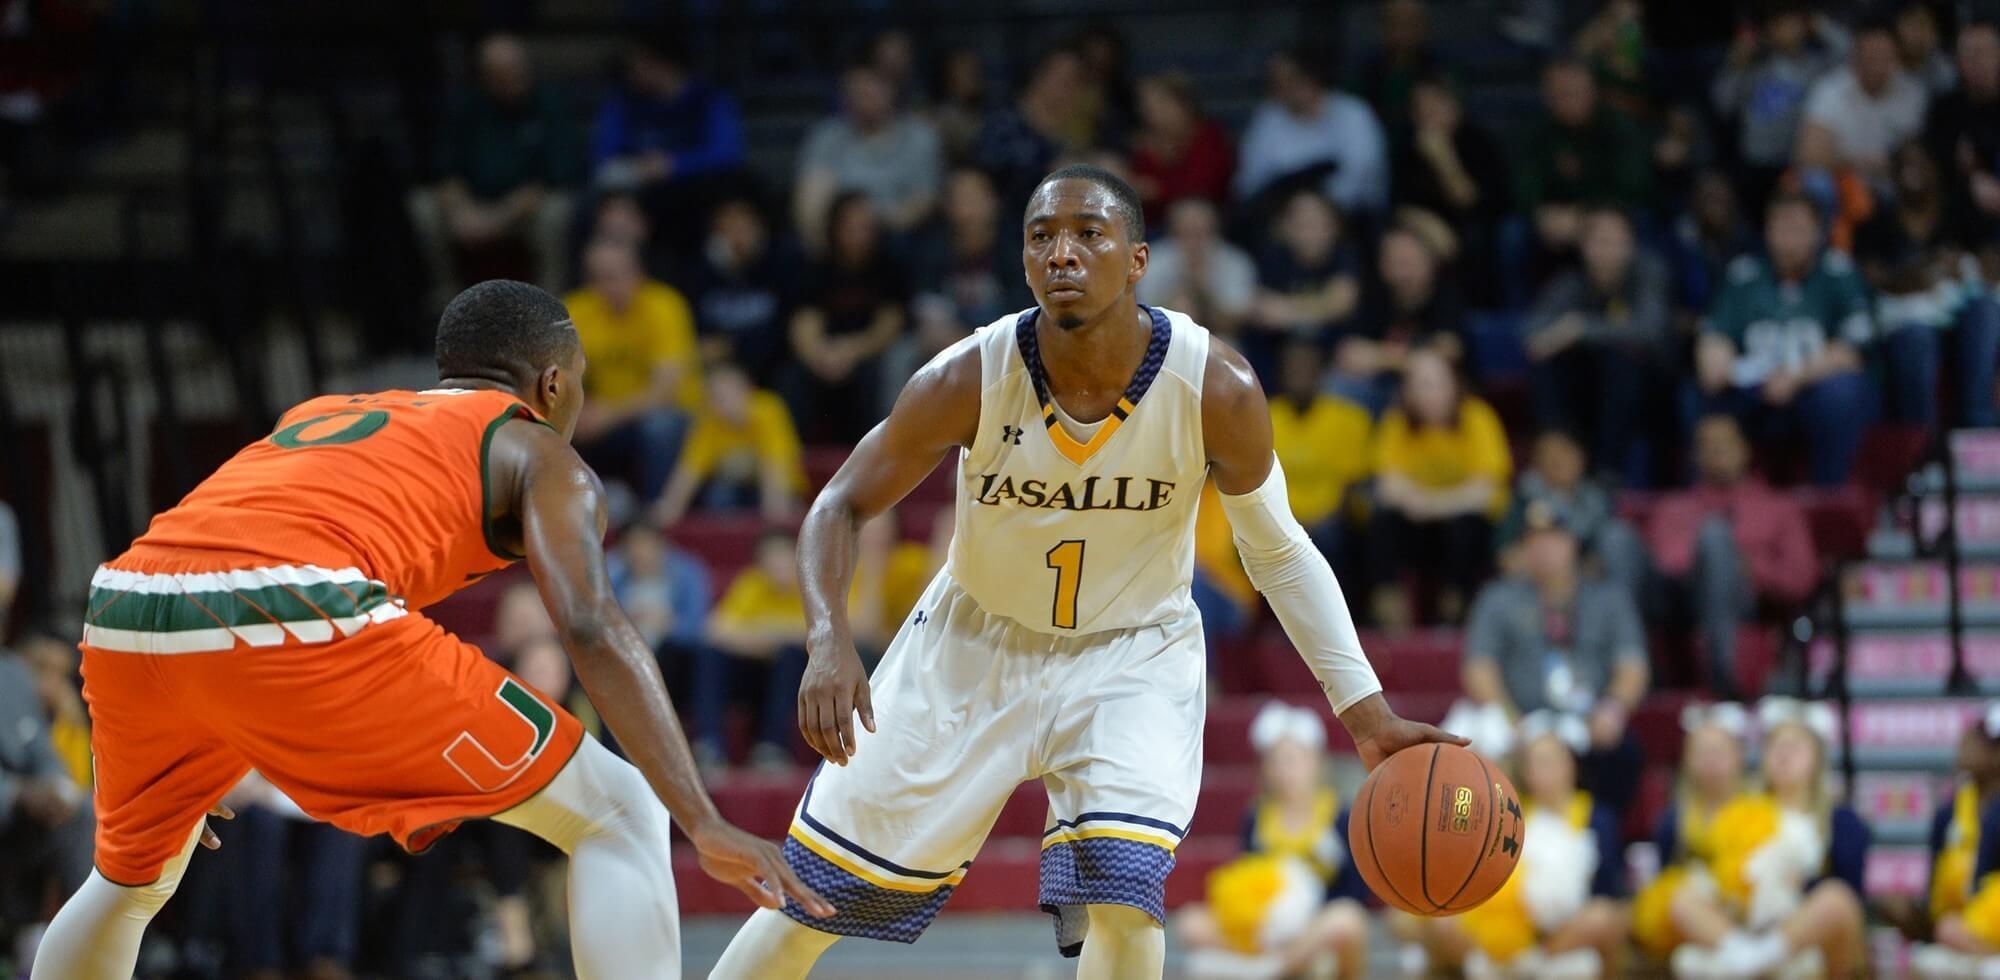 FGCU to host La Salle